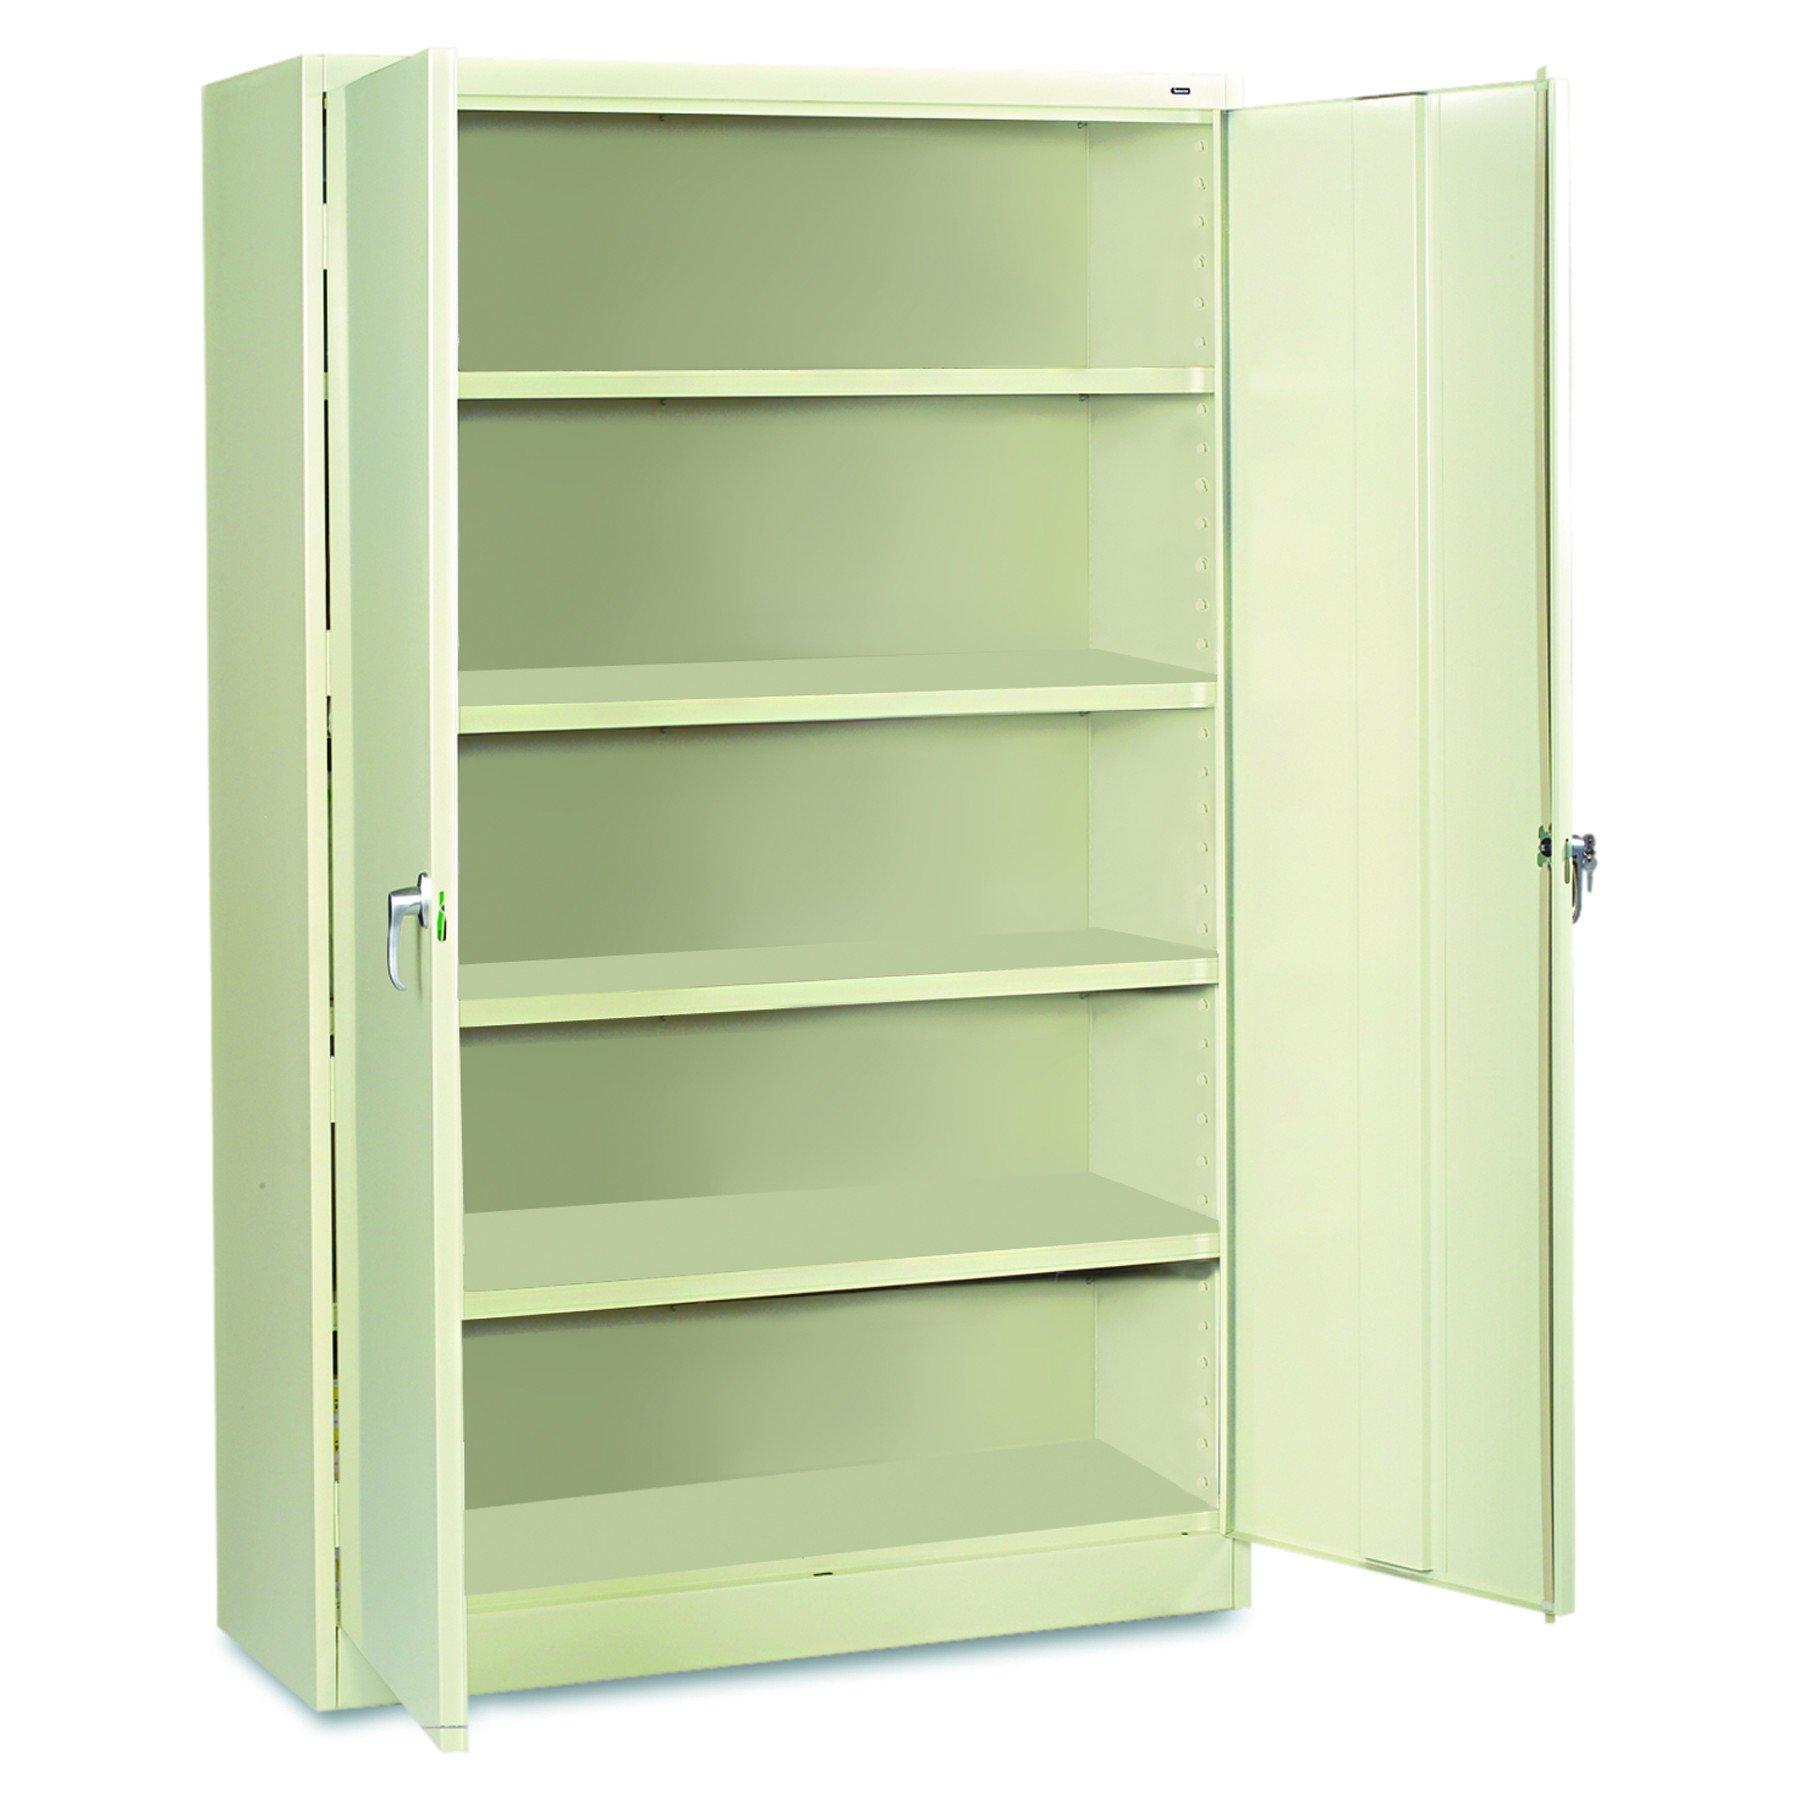 Tennsco J2478SUPY Assembled Jumbo Steel Storage Cabinet, 48w x 24d x 78h, Putty